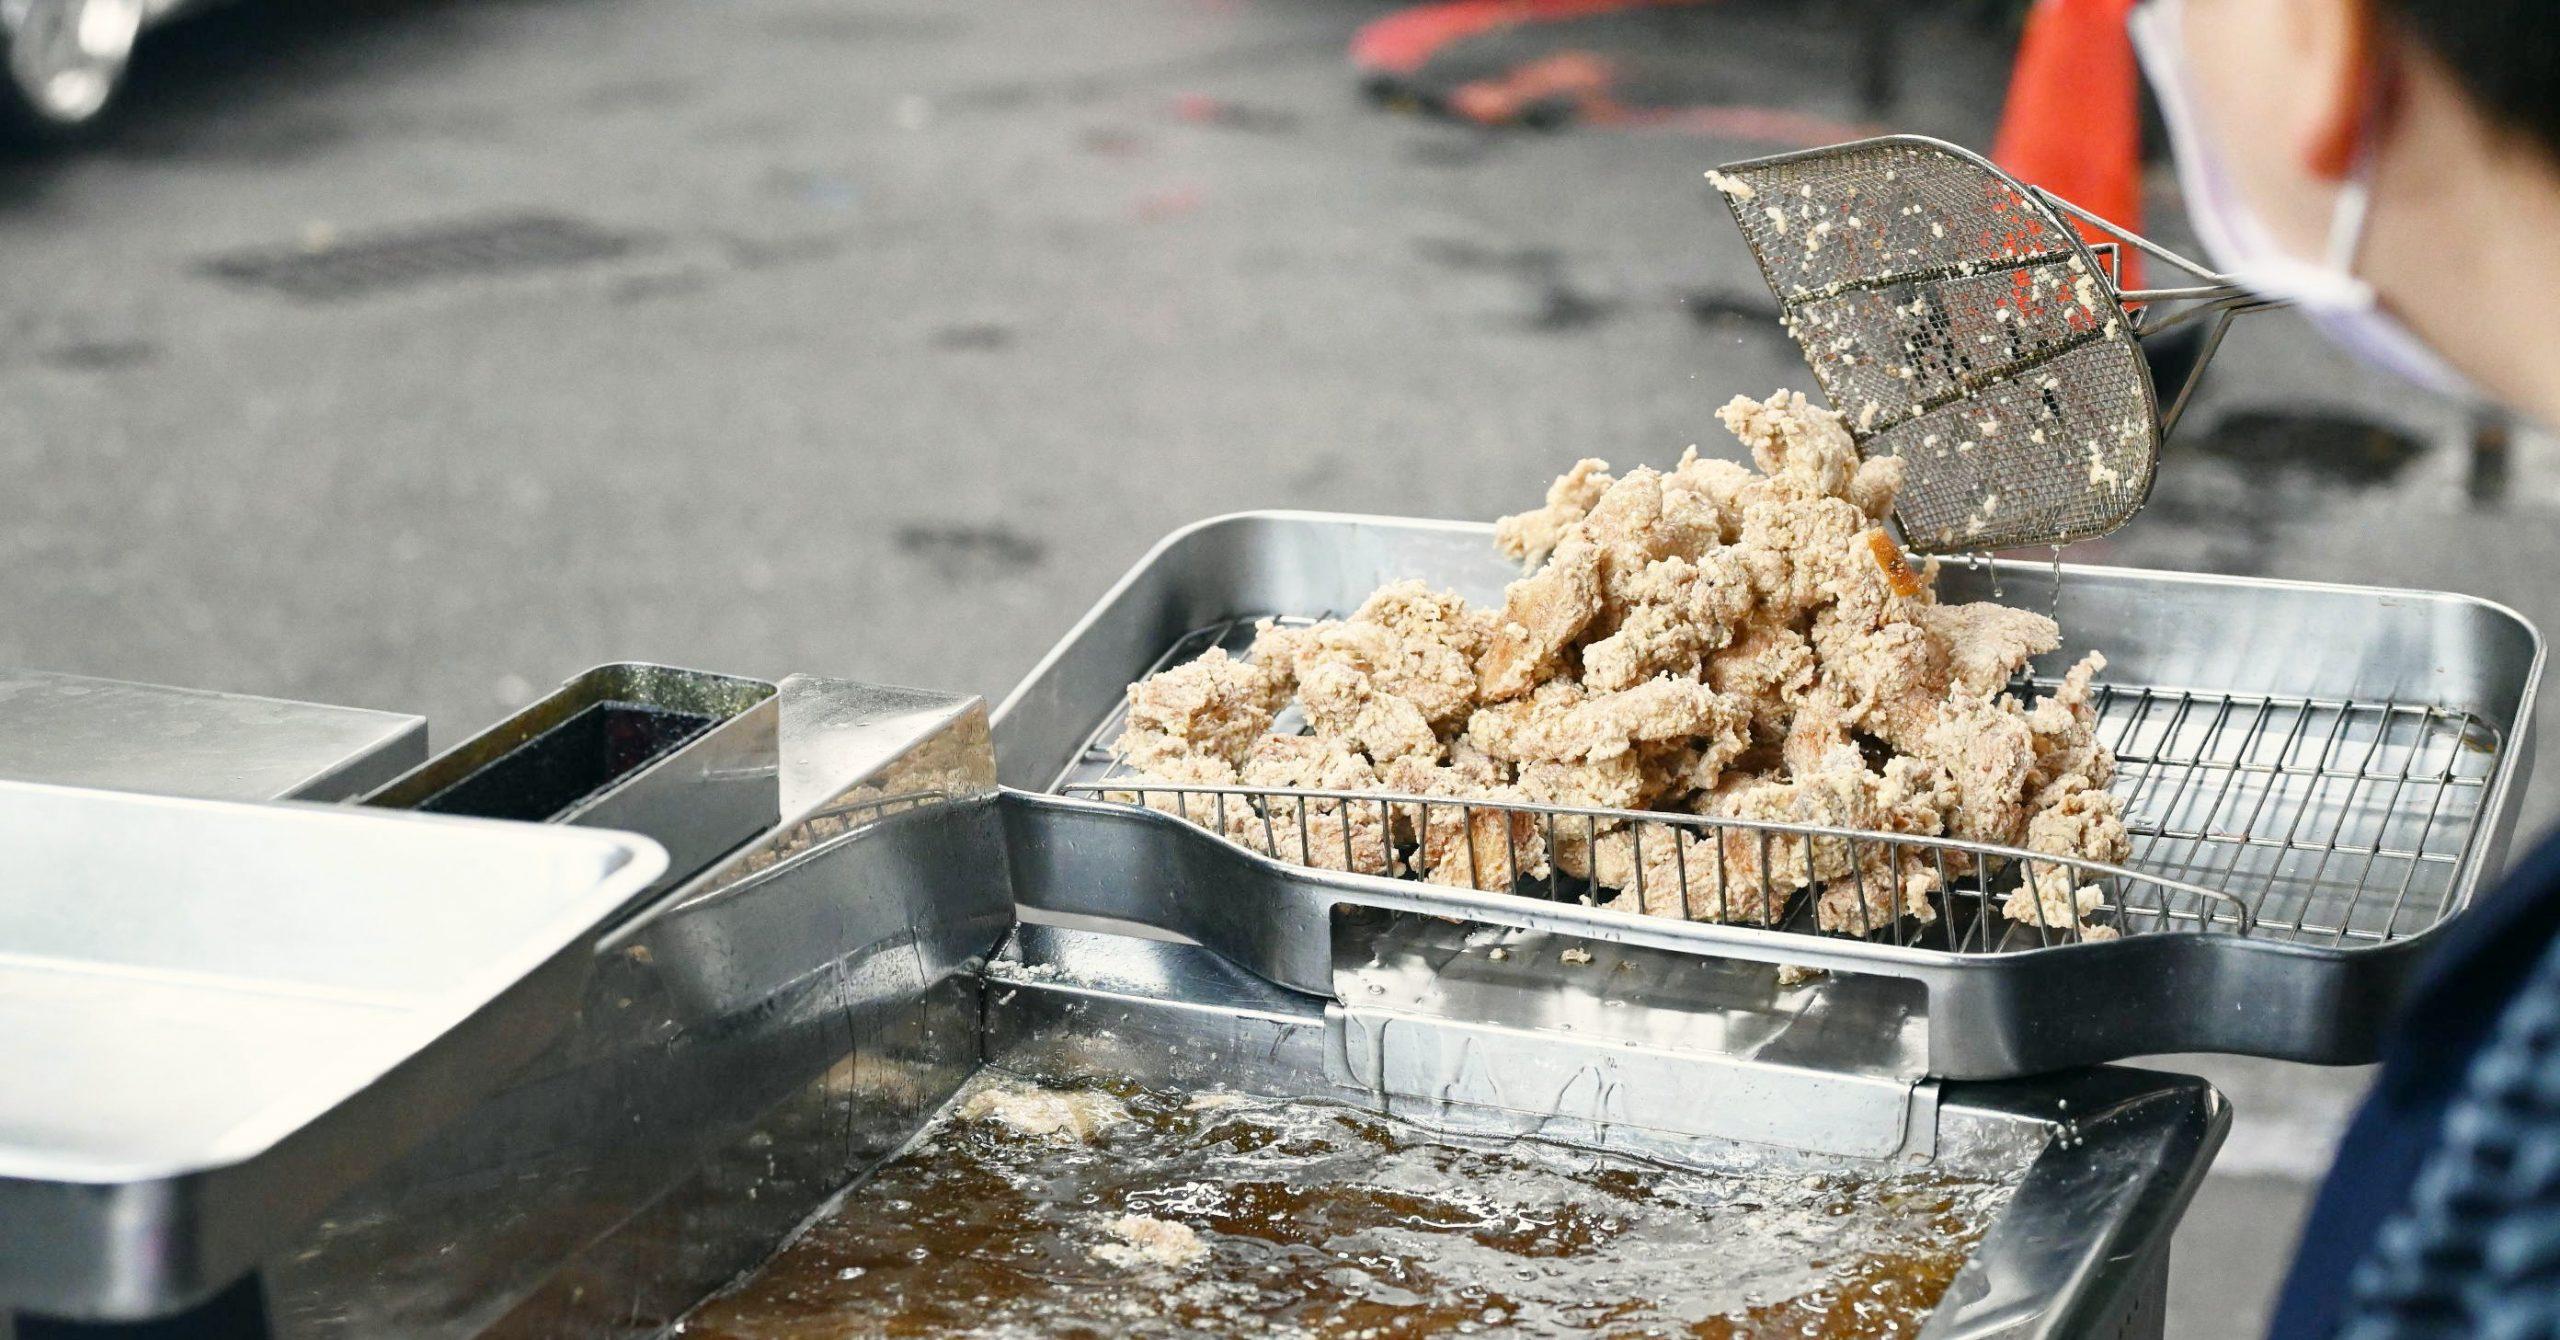 【七堵美食】七堵雞塊麵,平日七點就開炸的雞排攤車